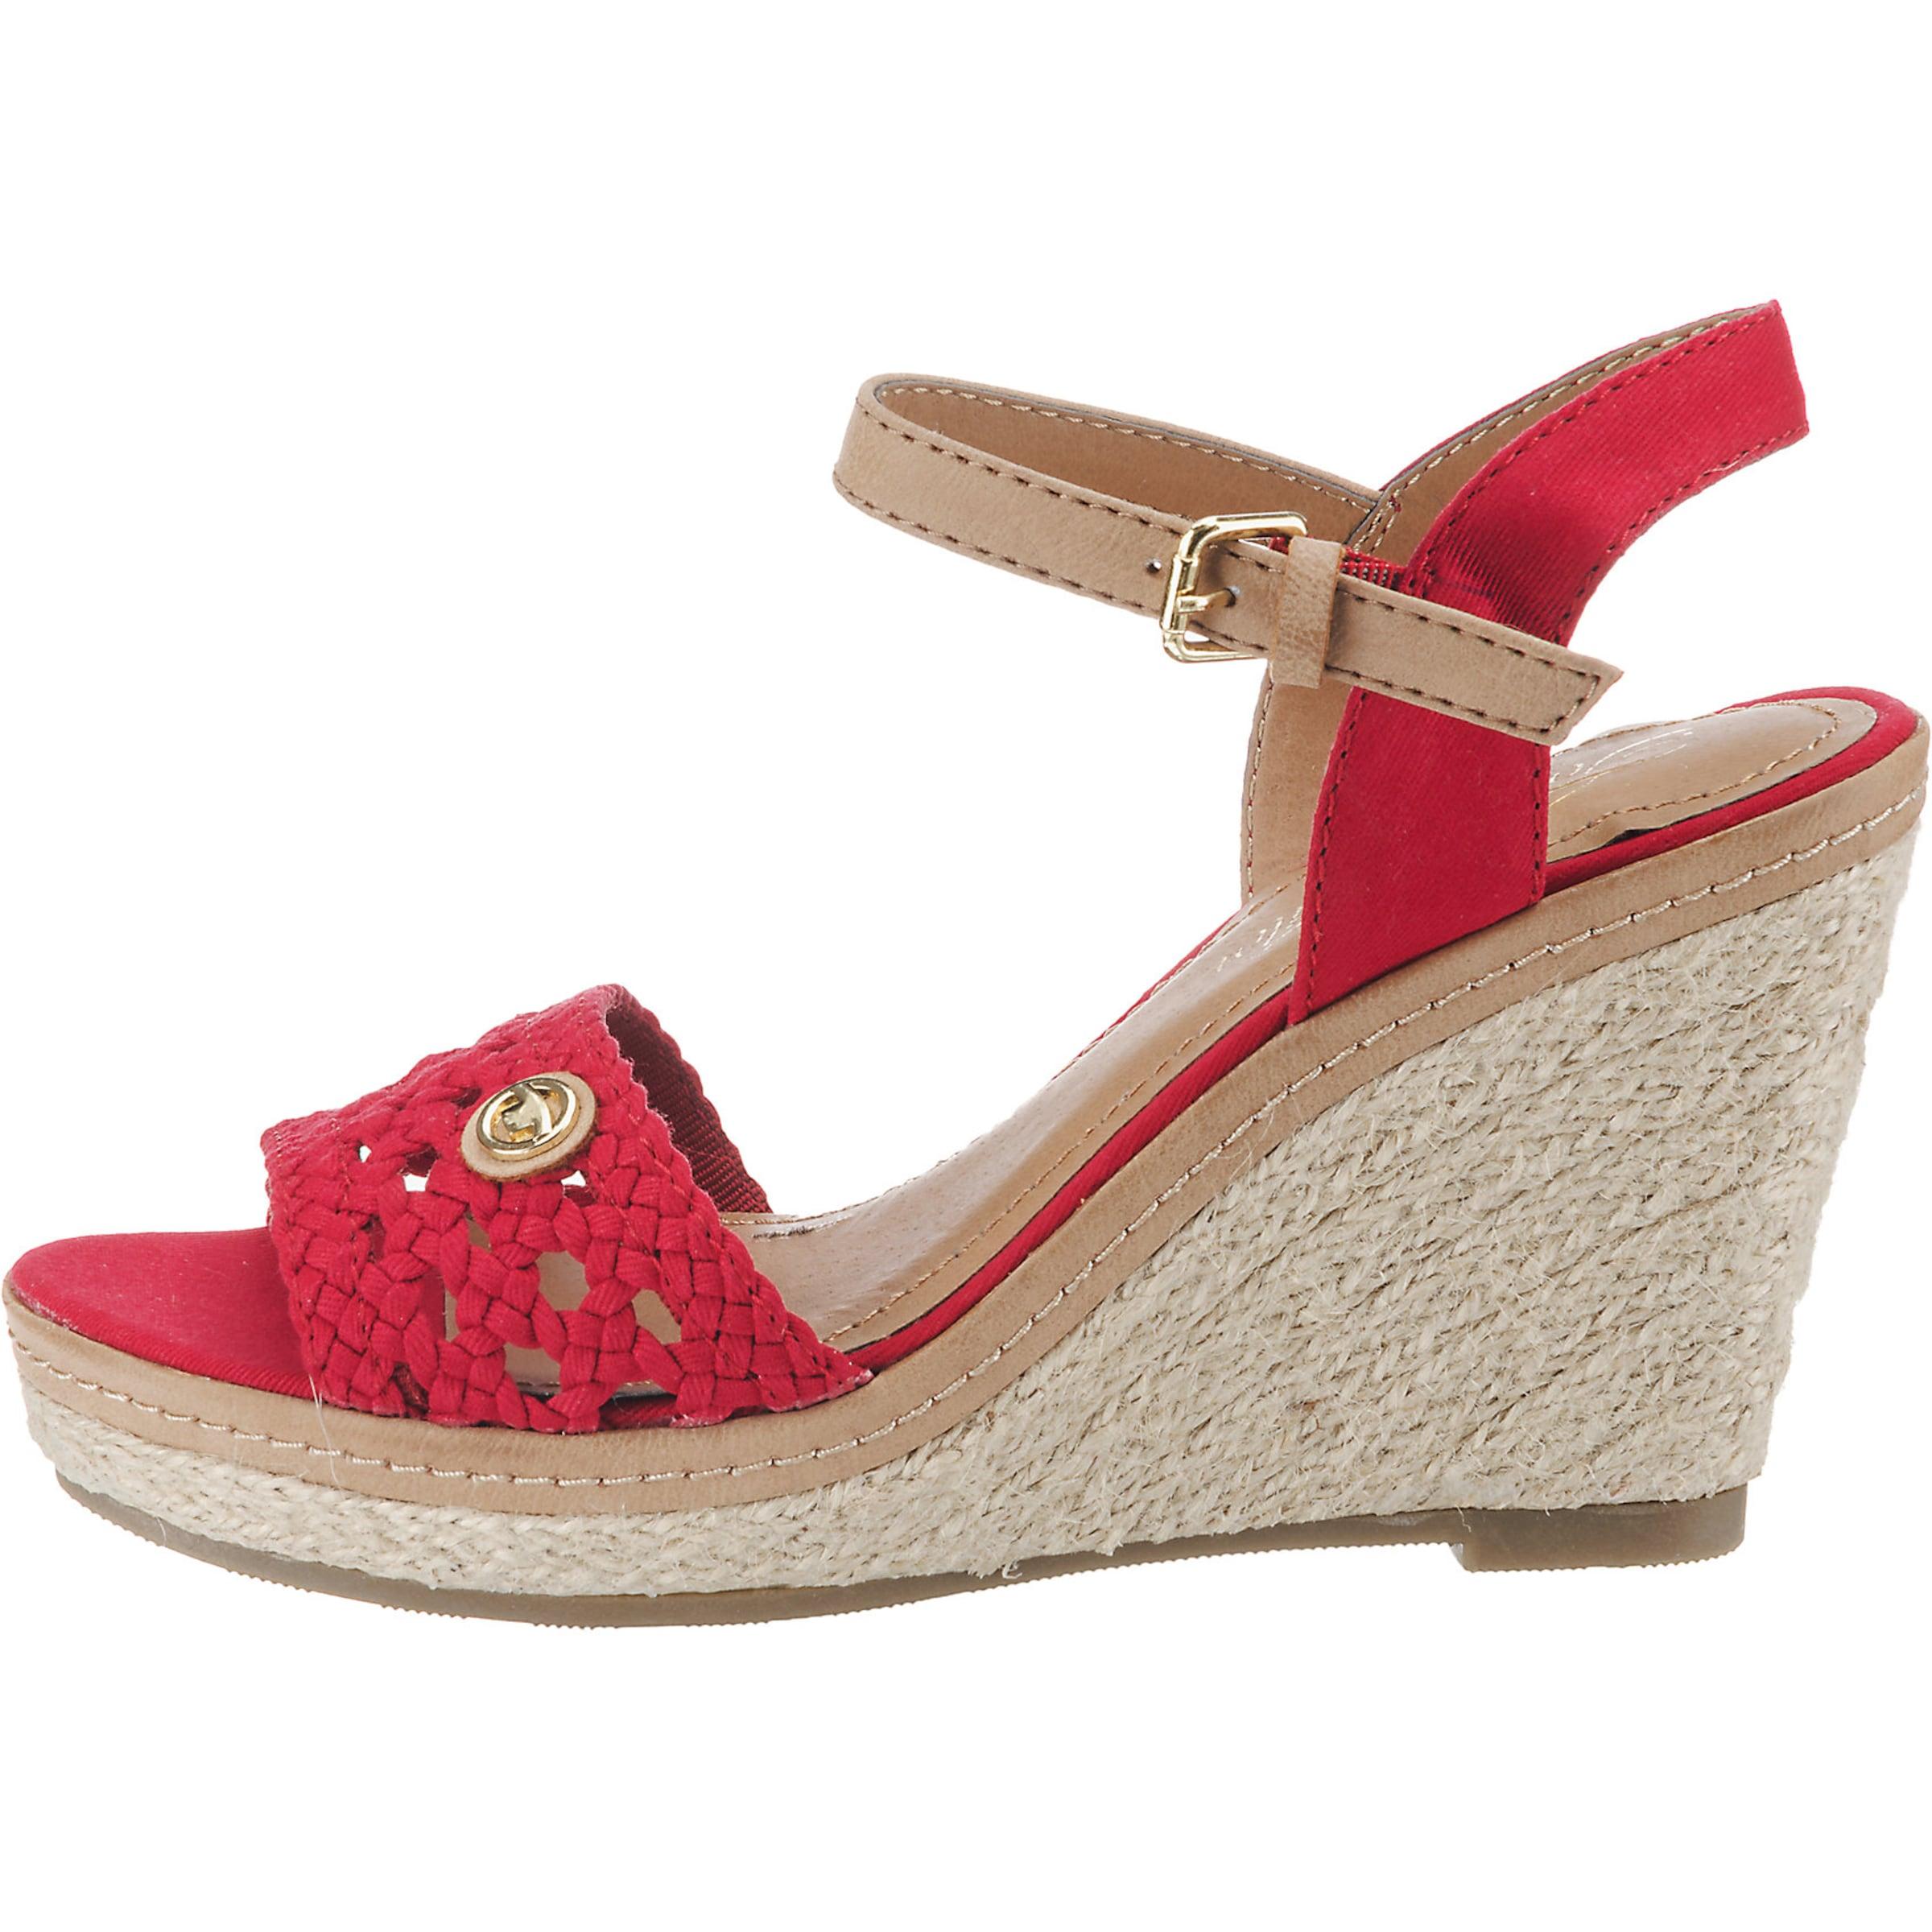 BeigeHellbeige In Rot Sandaletten Tom Tailor L5R4Aj